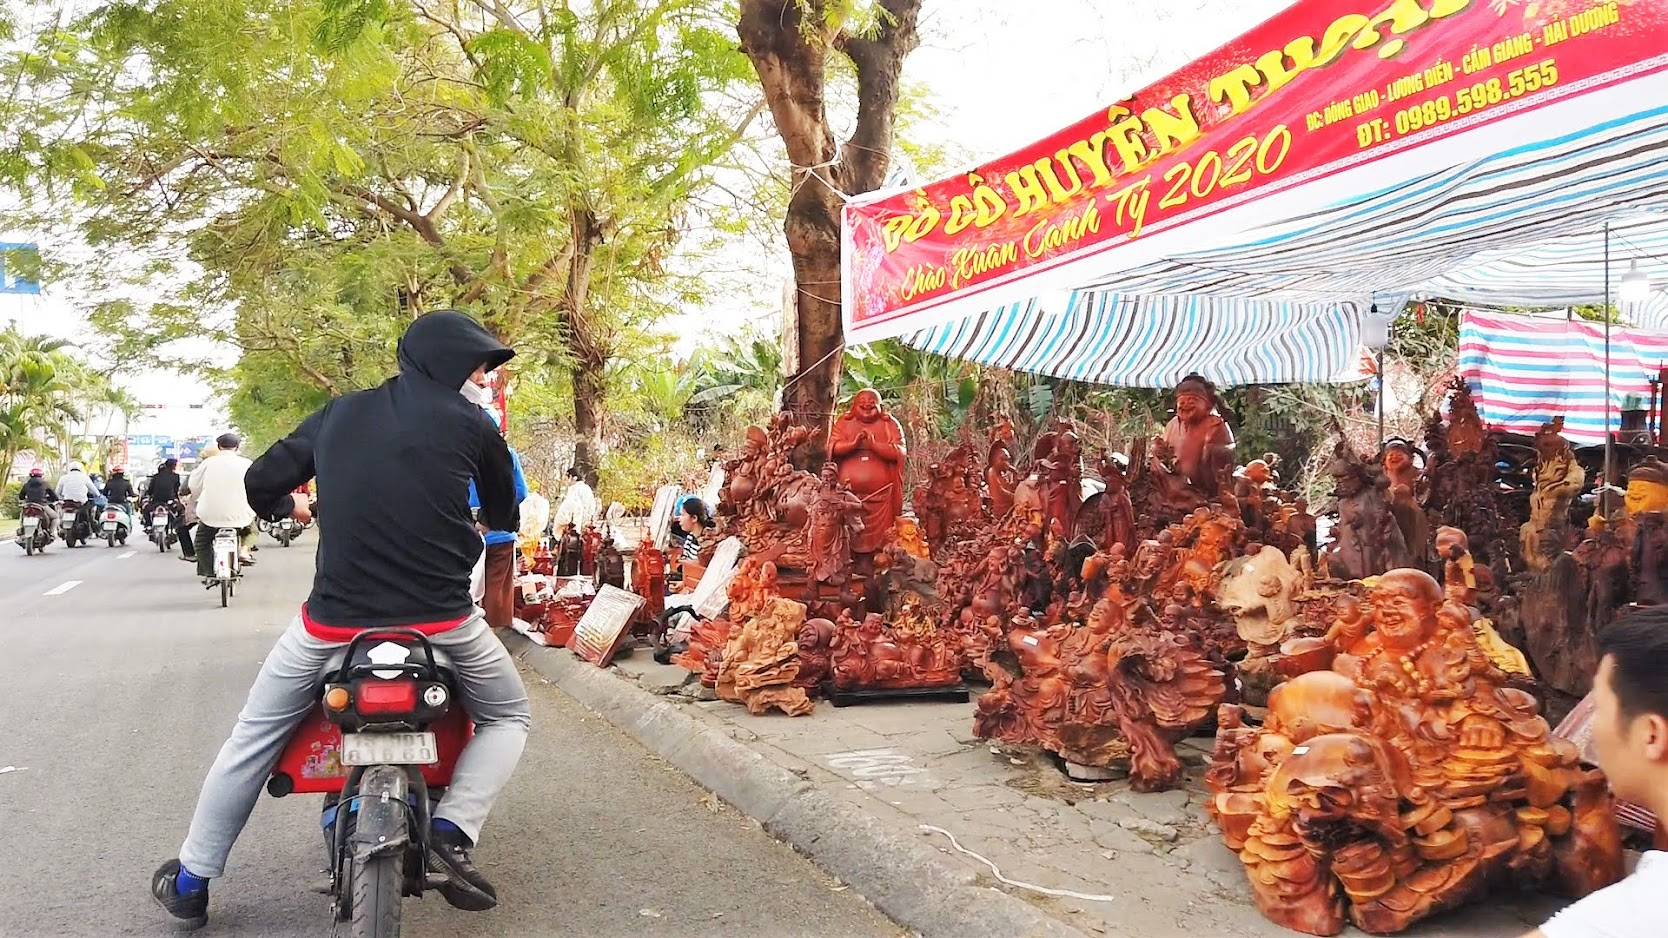 Chợ hoa Tết 2020 đường Lê Hồng Phong ở Hải Phòng 14